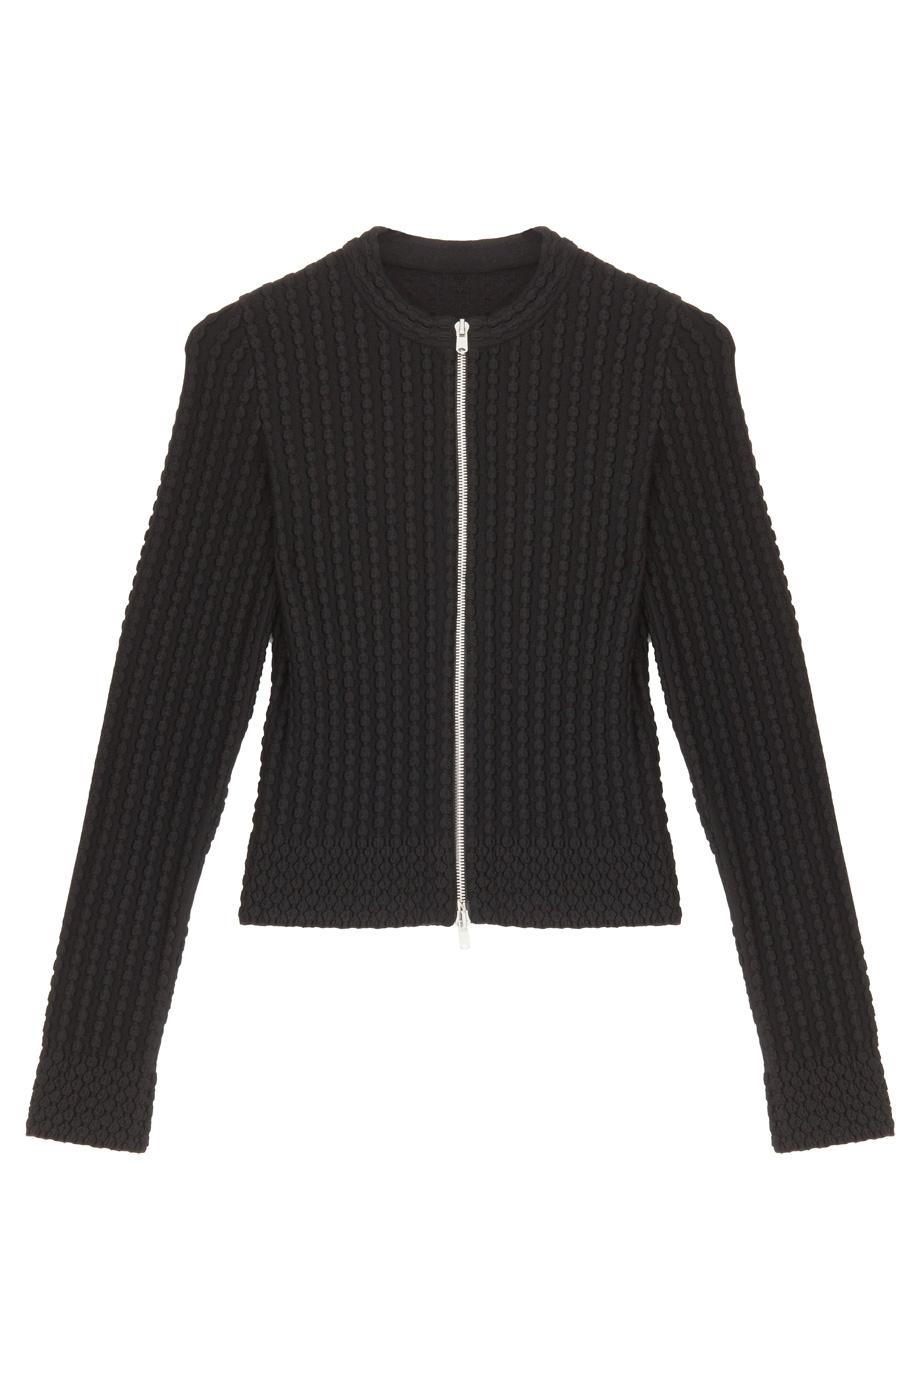 Alaïa Zip Front Cardigan in Black